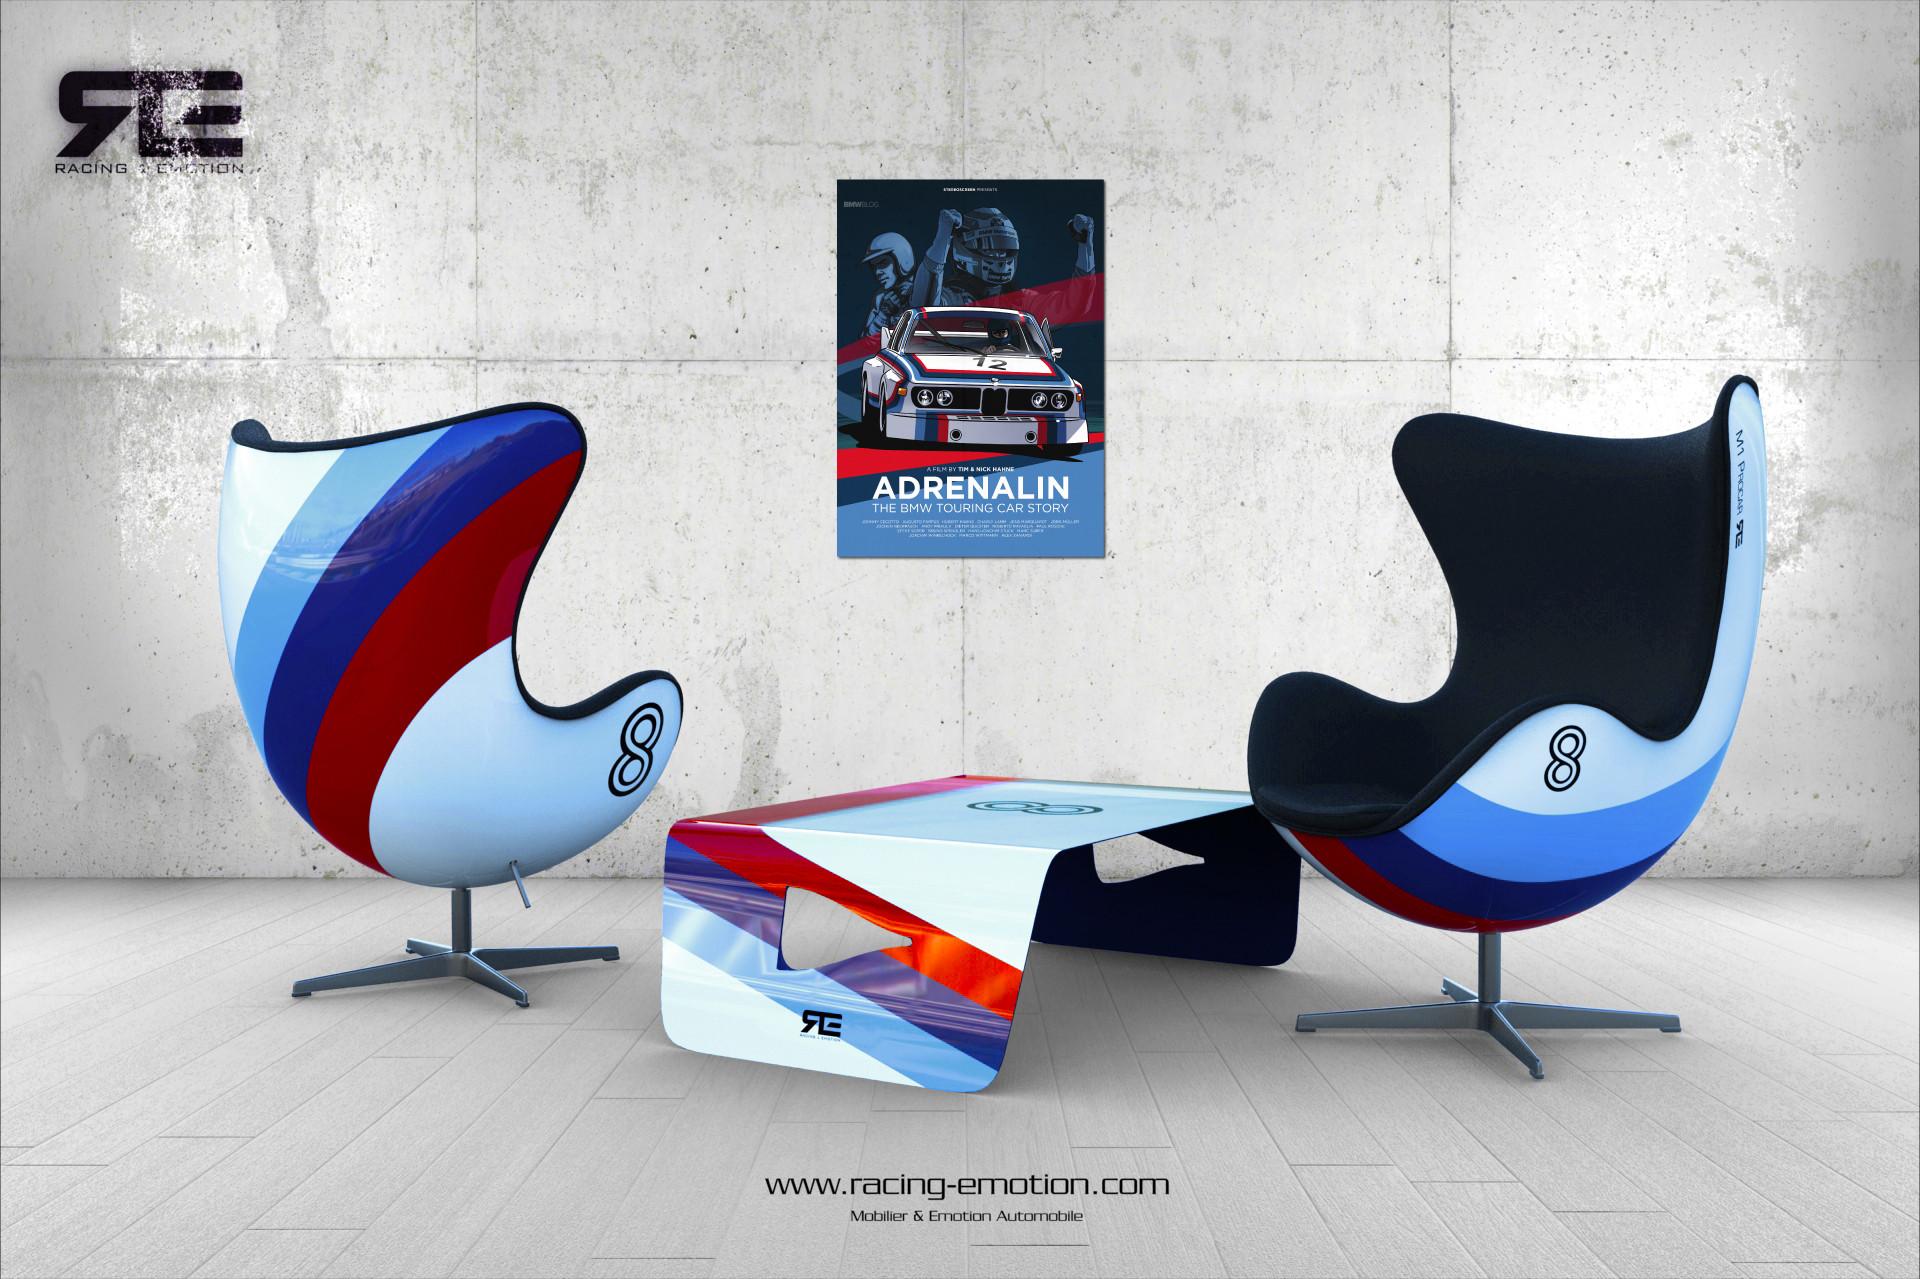 racing-emotion-adrenalin-lounge